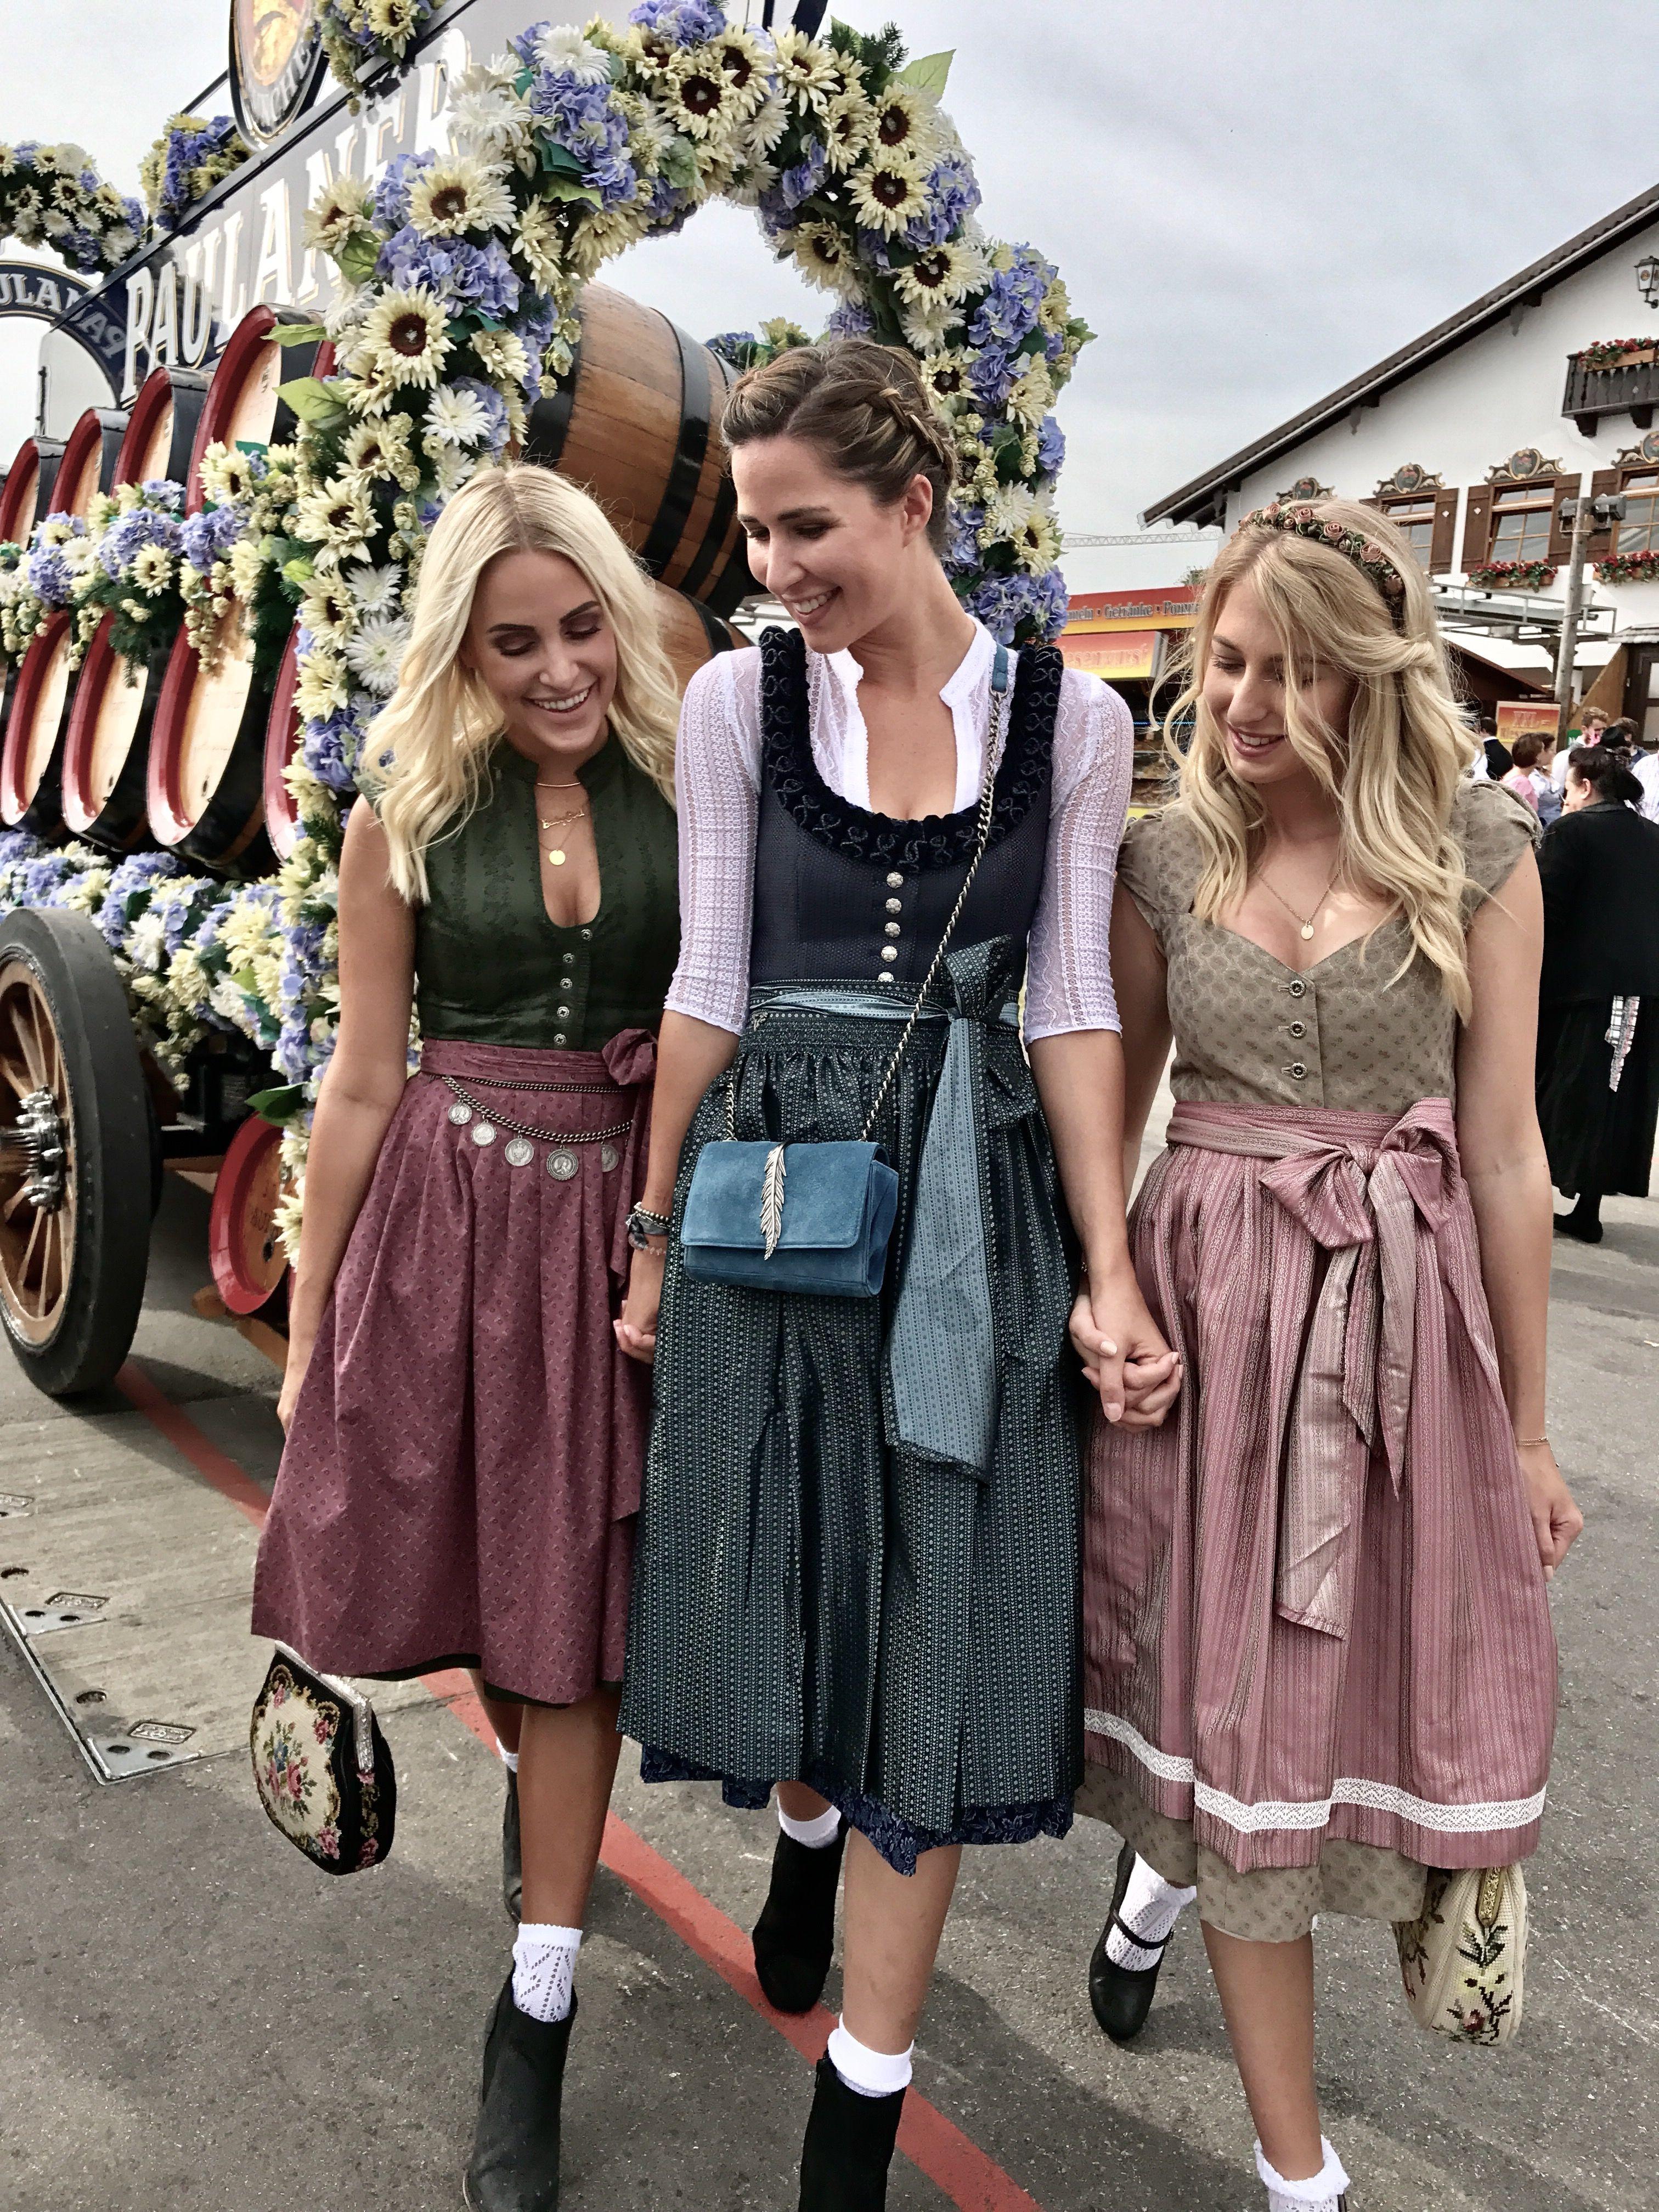 Dirndl, Tracht, Girls, Friends, Oktoberfest, Wiesn, #